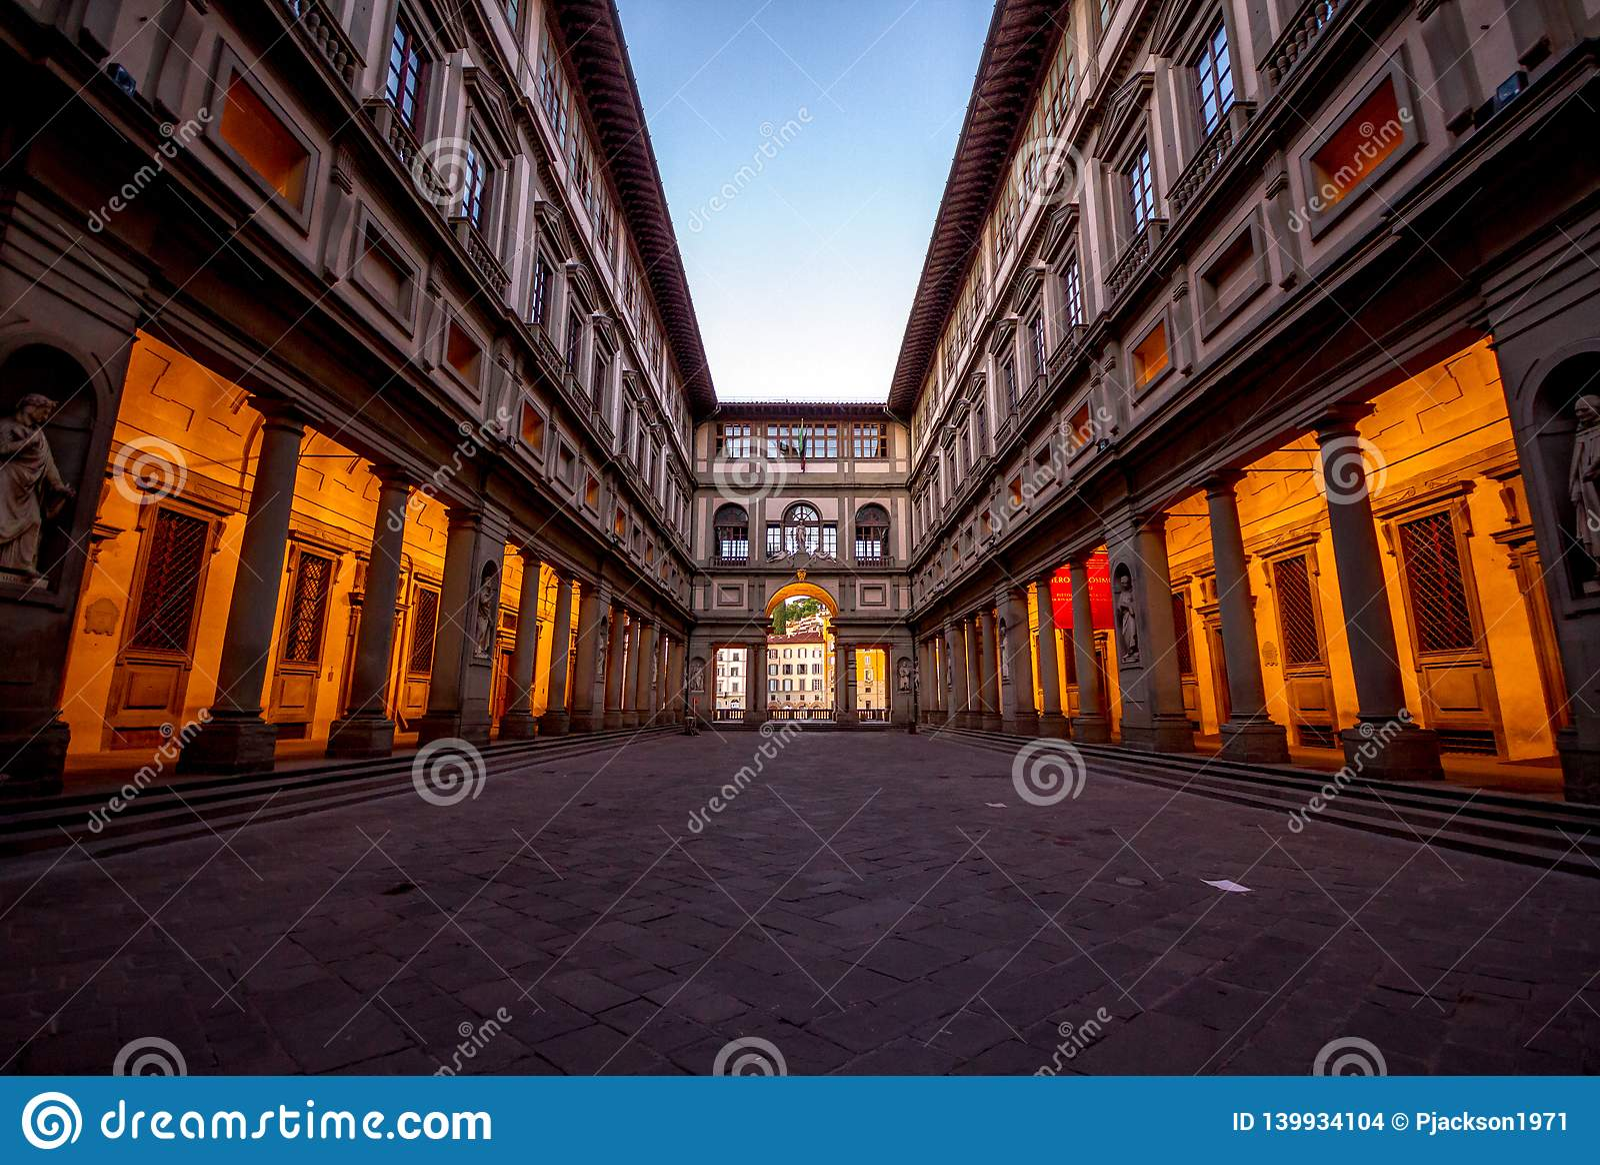 Pusty podwórze Uffizi muzeum w Florencja, Włochy przy wschód słońca